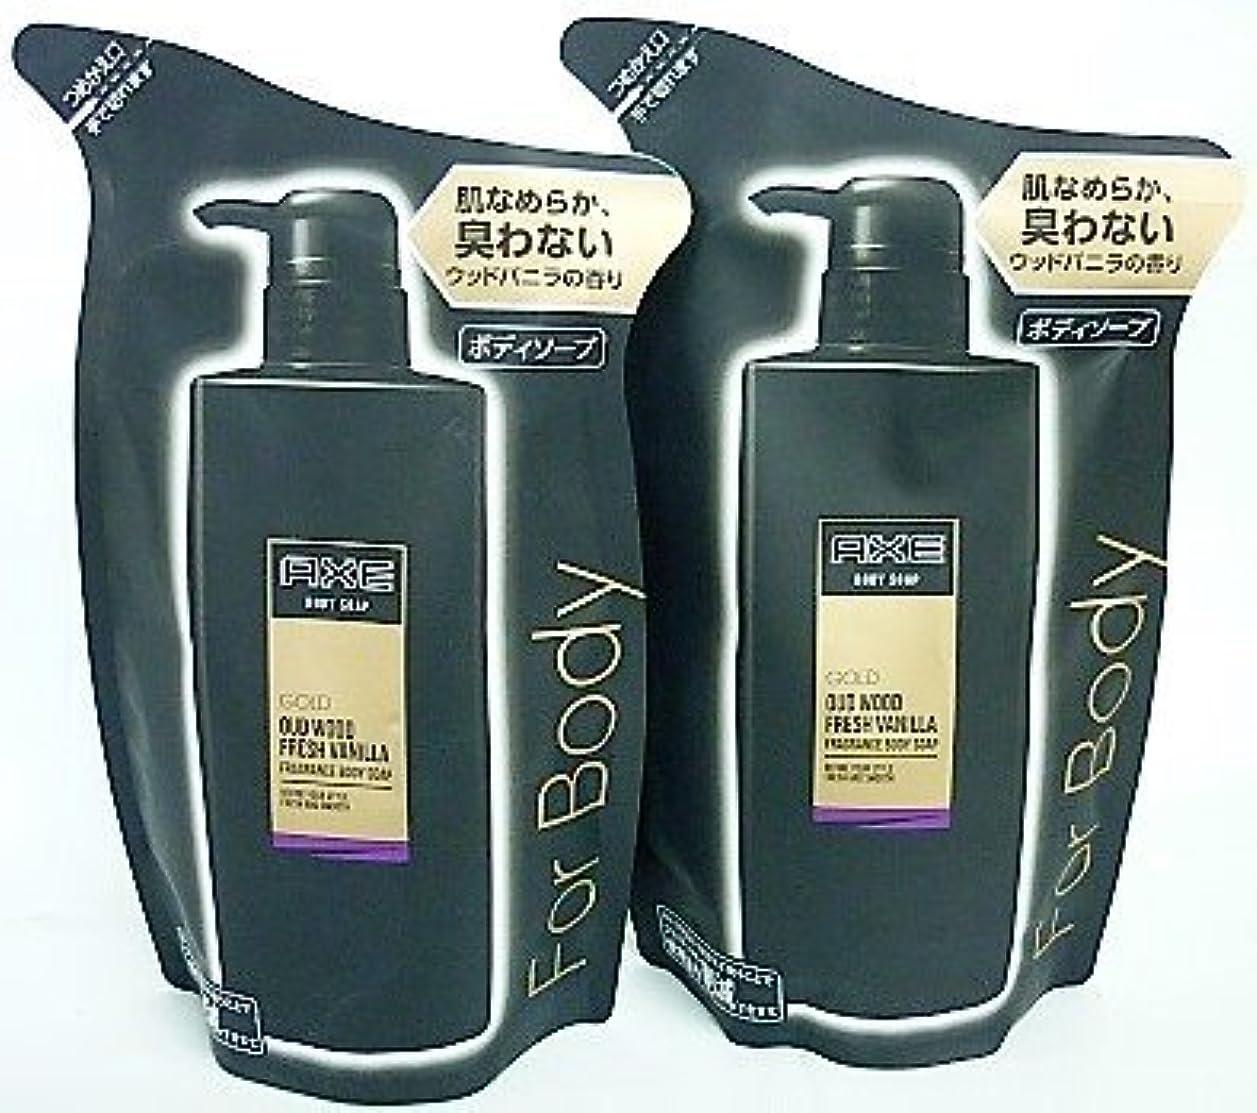 毒液欲望より多い[2個セット]アックス ゴールド フレグランス ボディソープ つめかえ用 (ウッドバニラの香り) 400g入り×2個